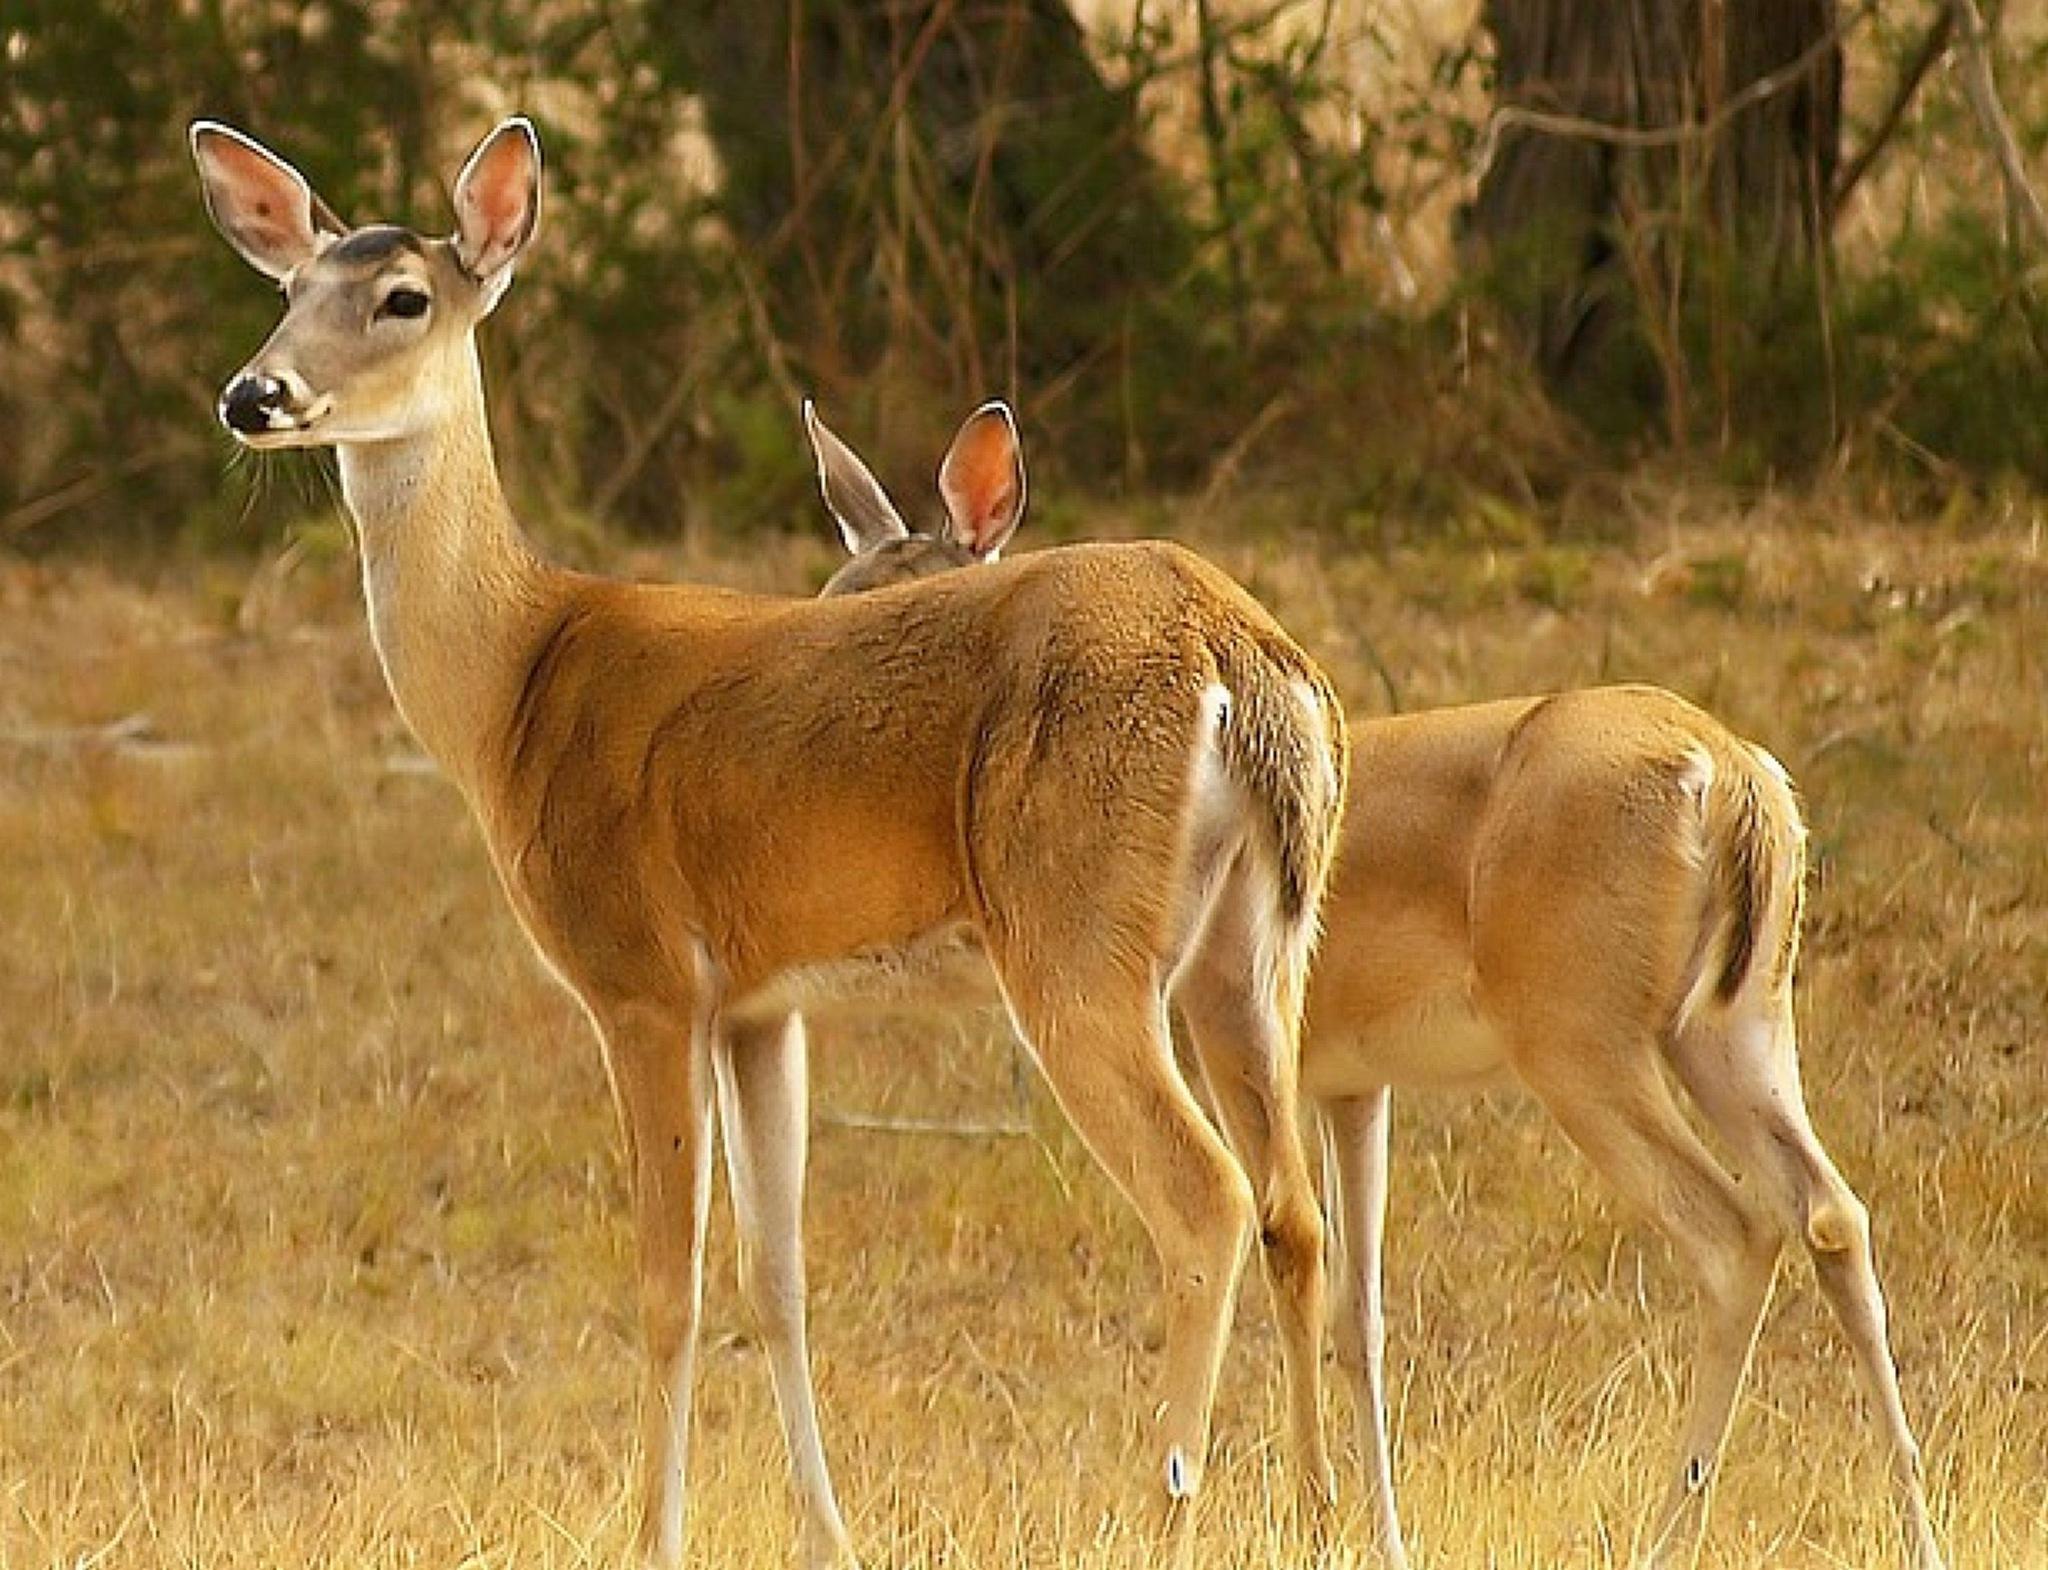 Deer by kelli.oconnormays